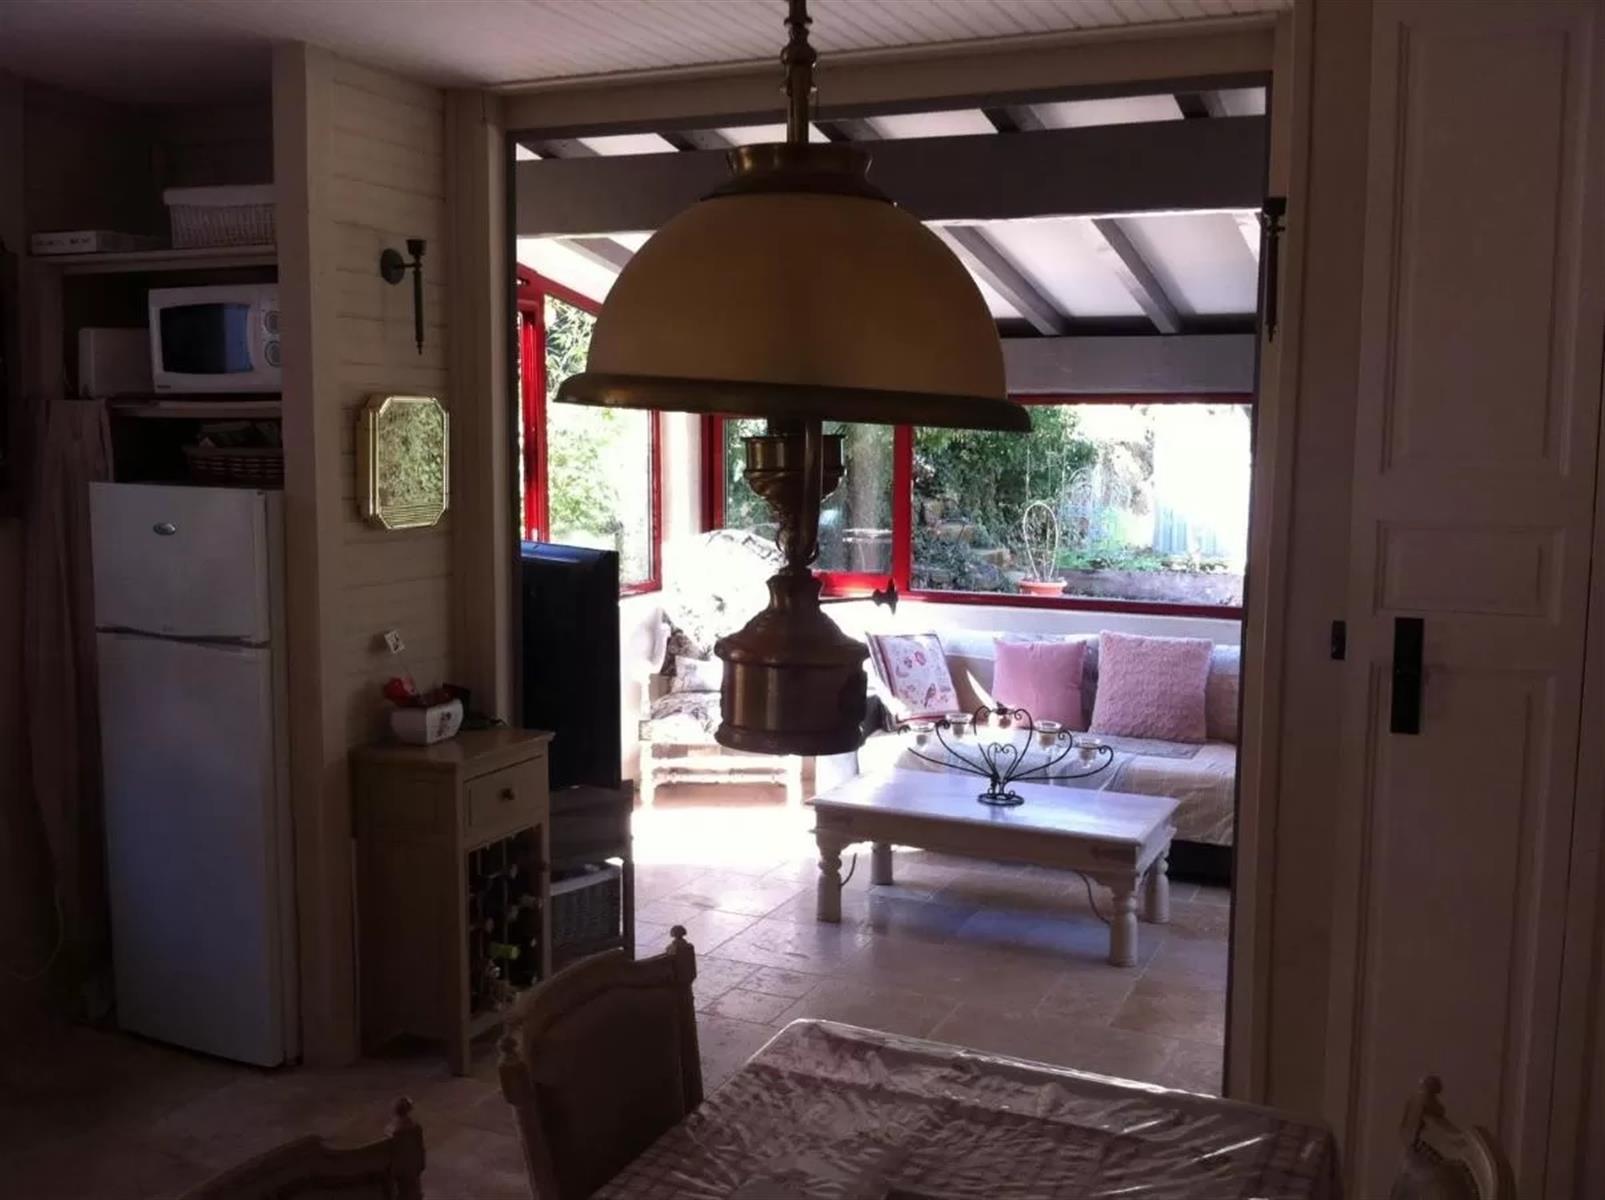 Maison de vacances - Callas - #4288981-9